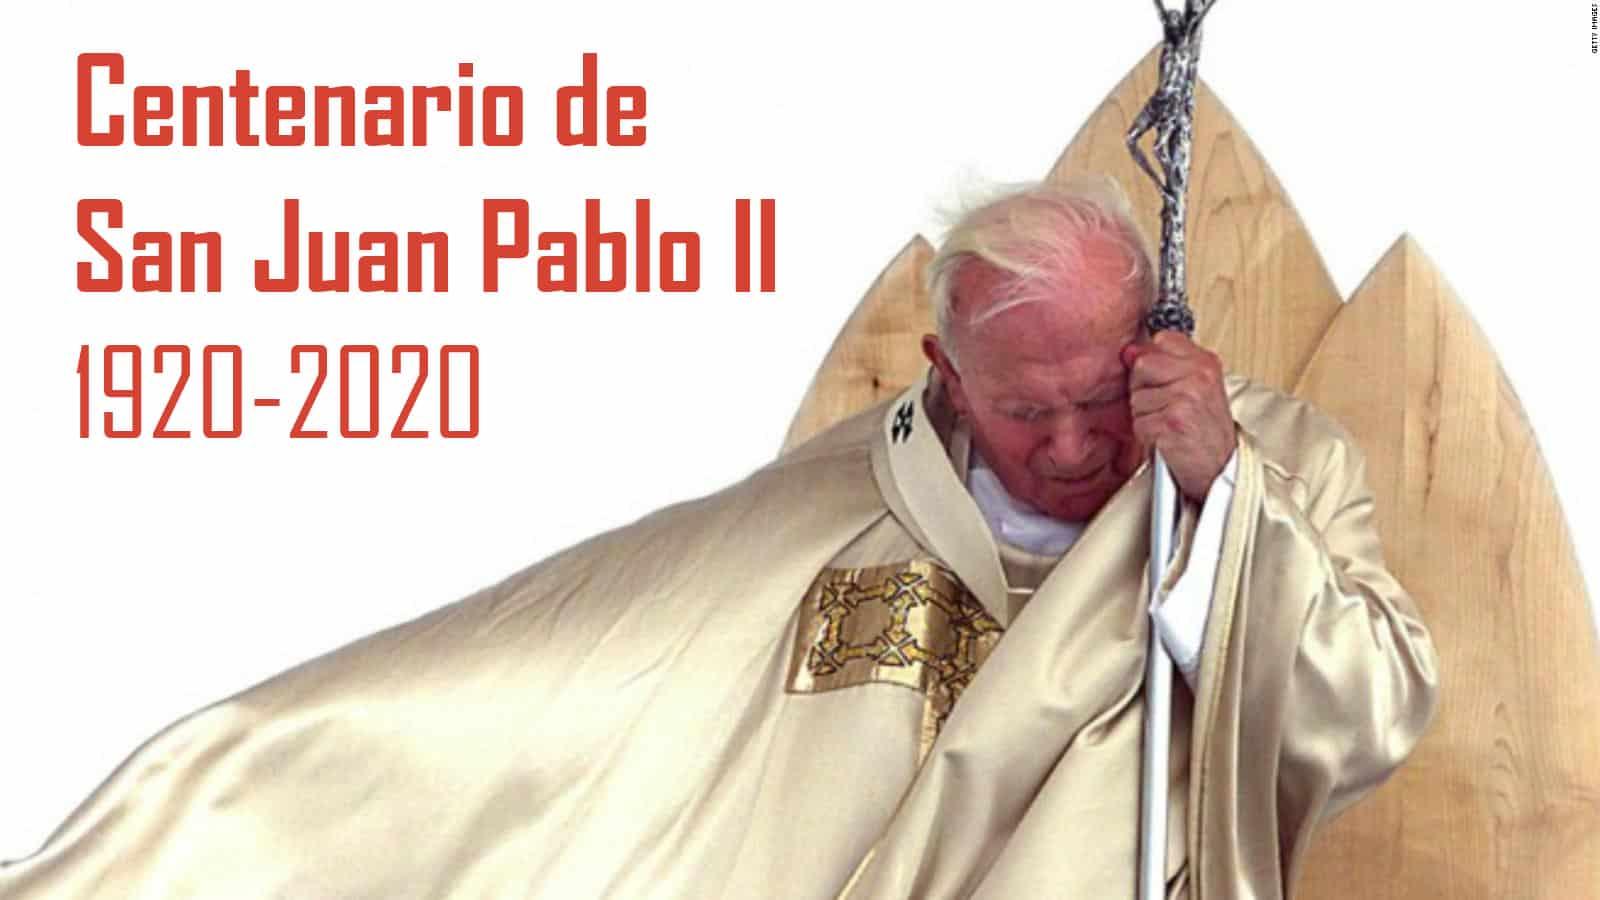 San Juan Pablo II - ¿Cómo se forjó una personalidad tan extraordinaria? 1